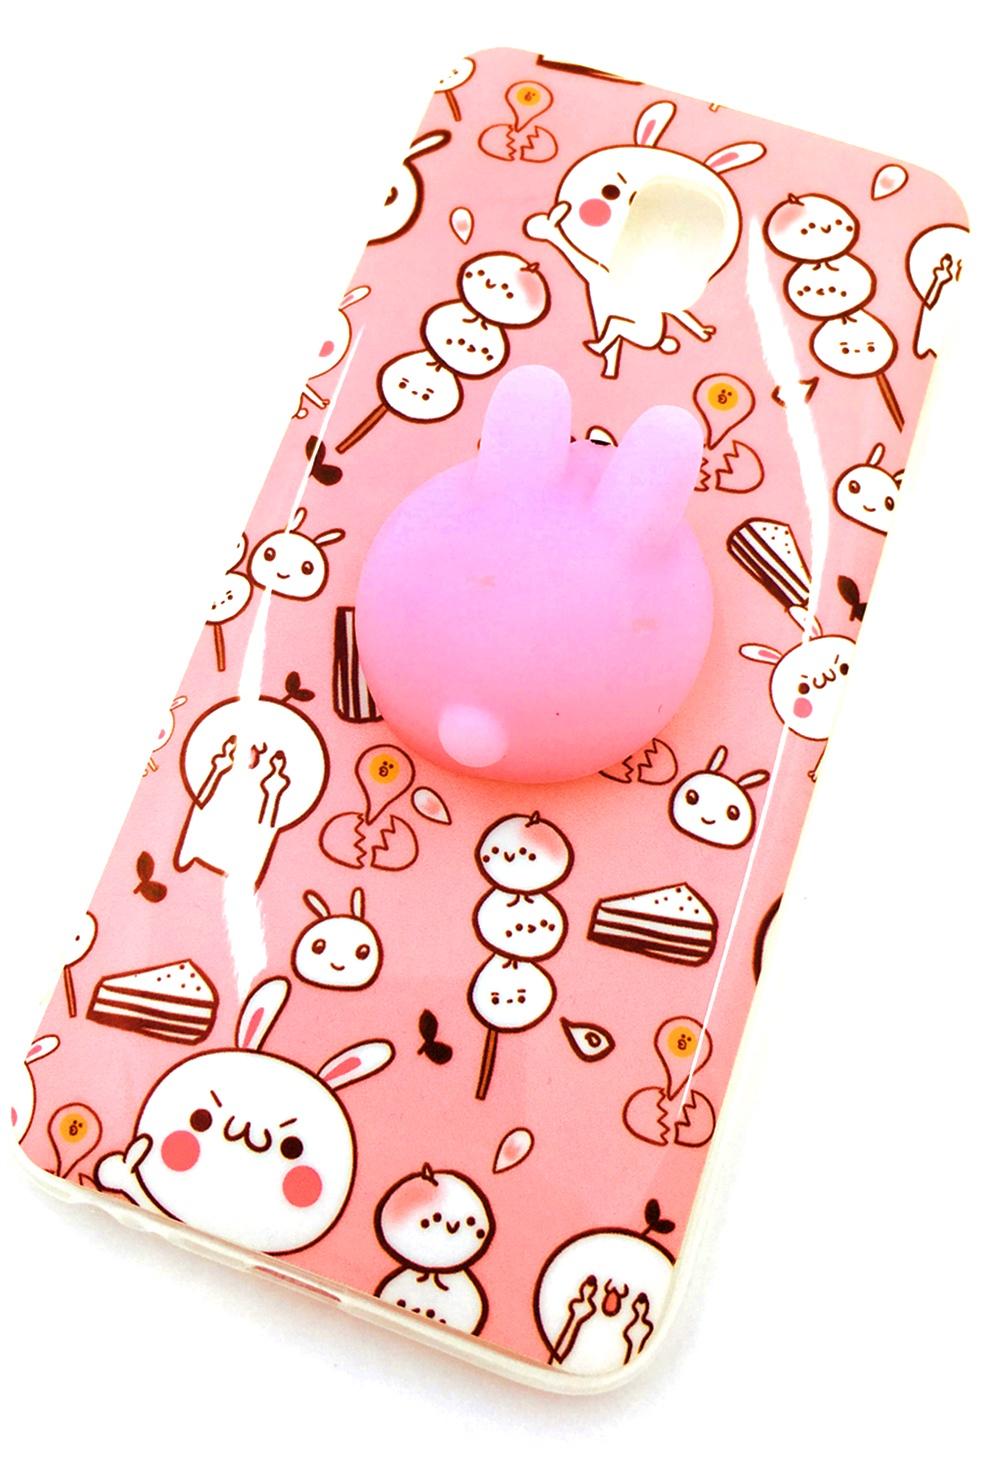 Чехол для сотового телефона Мобильная мода Samsung J3 2017 Накладка, мягкий 3D принт, антистресс, зайчик, розовый